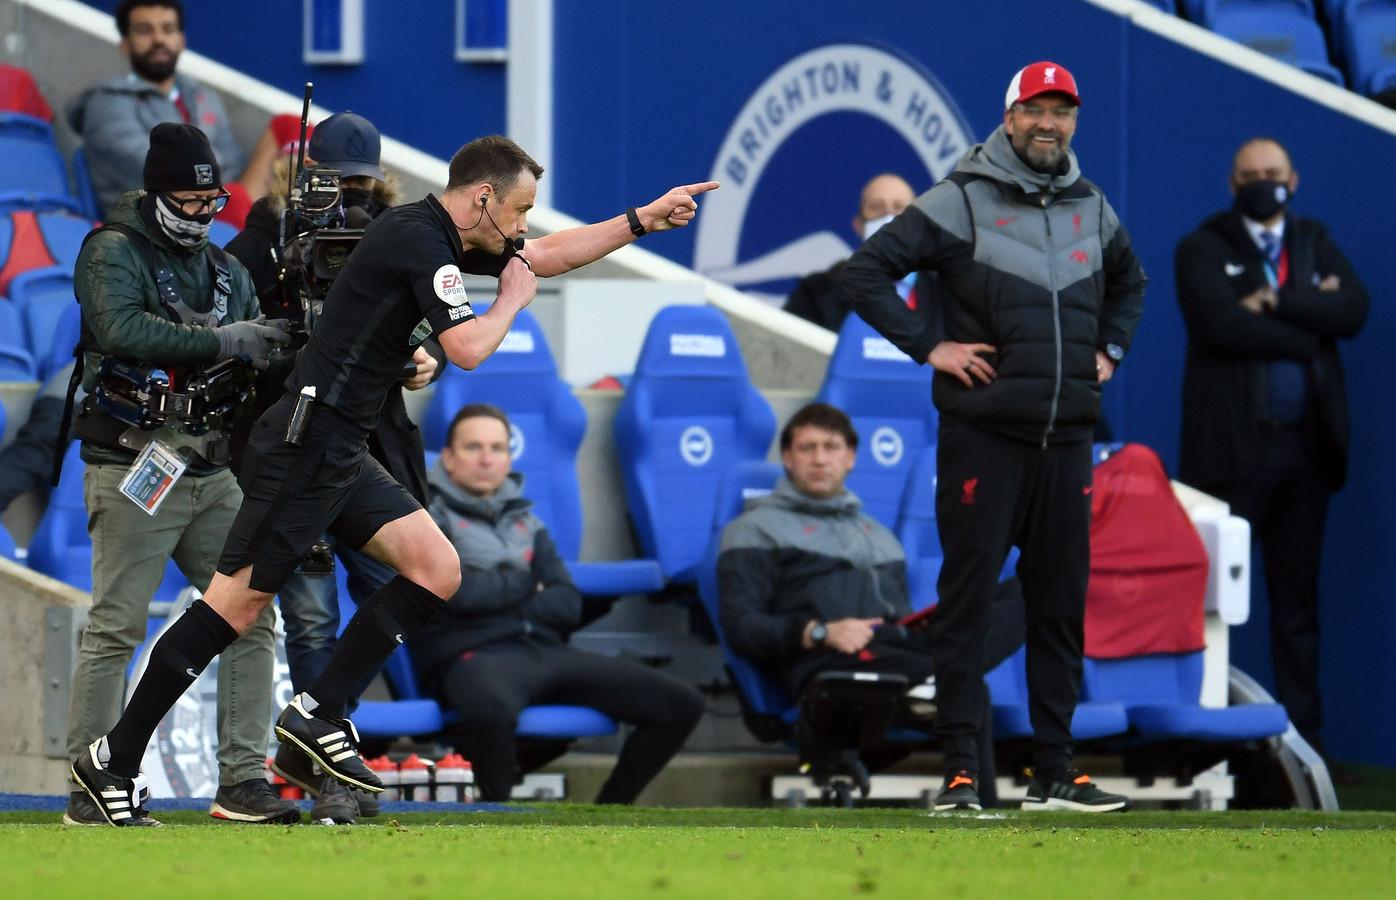 Een cynisch lachje bij Klopp nadat scheidsrechter Atwell in het absolute slot van de match een penalty voor Brighton floot.